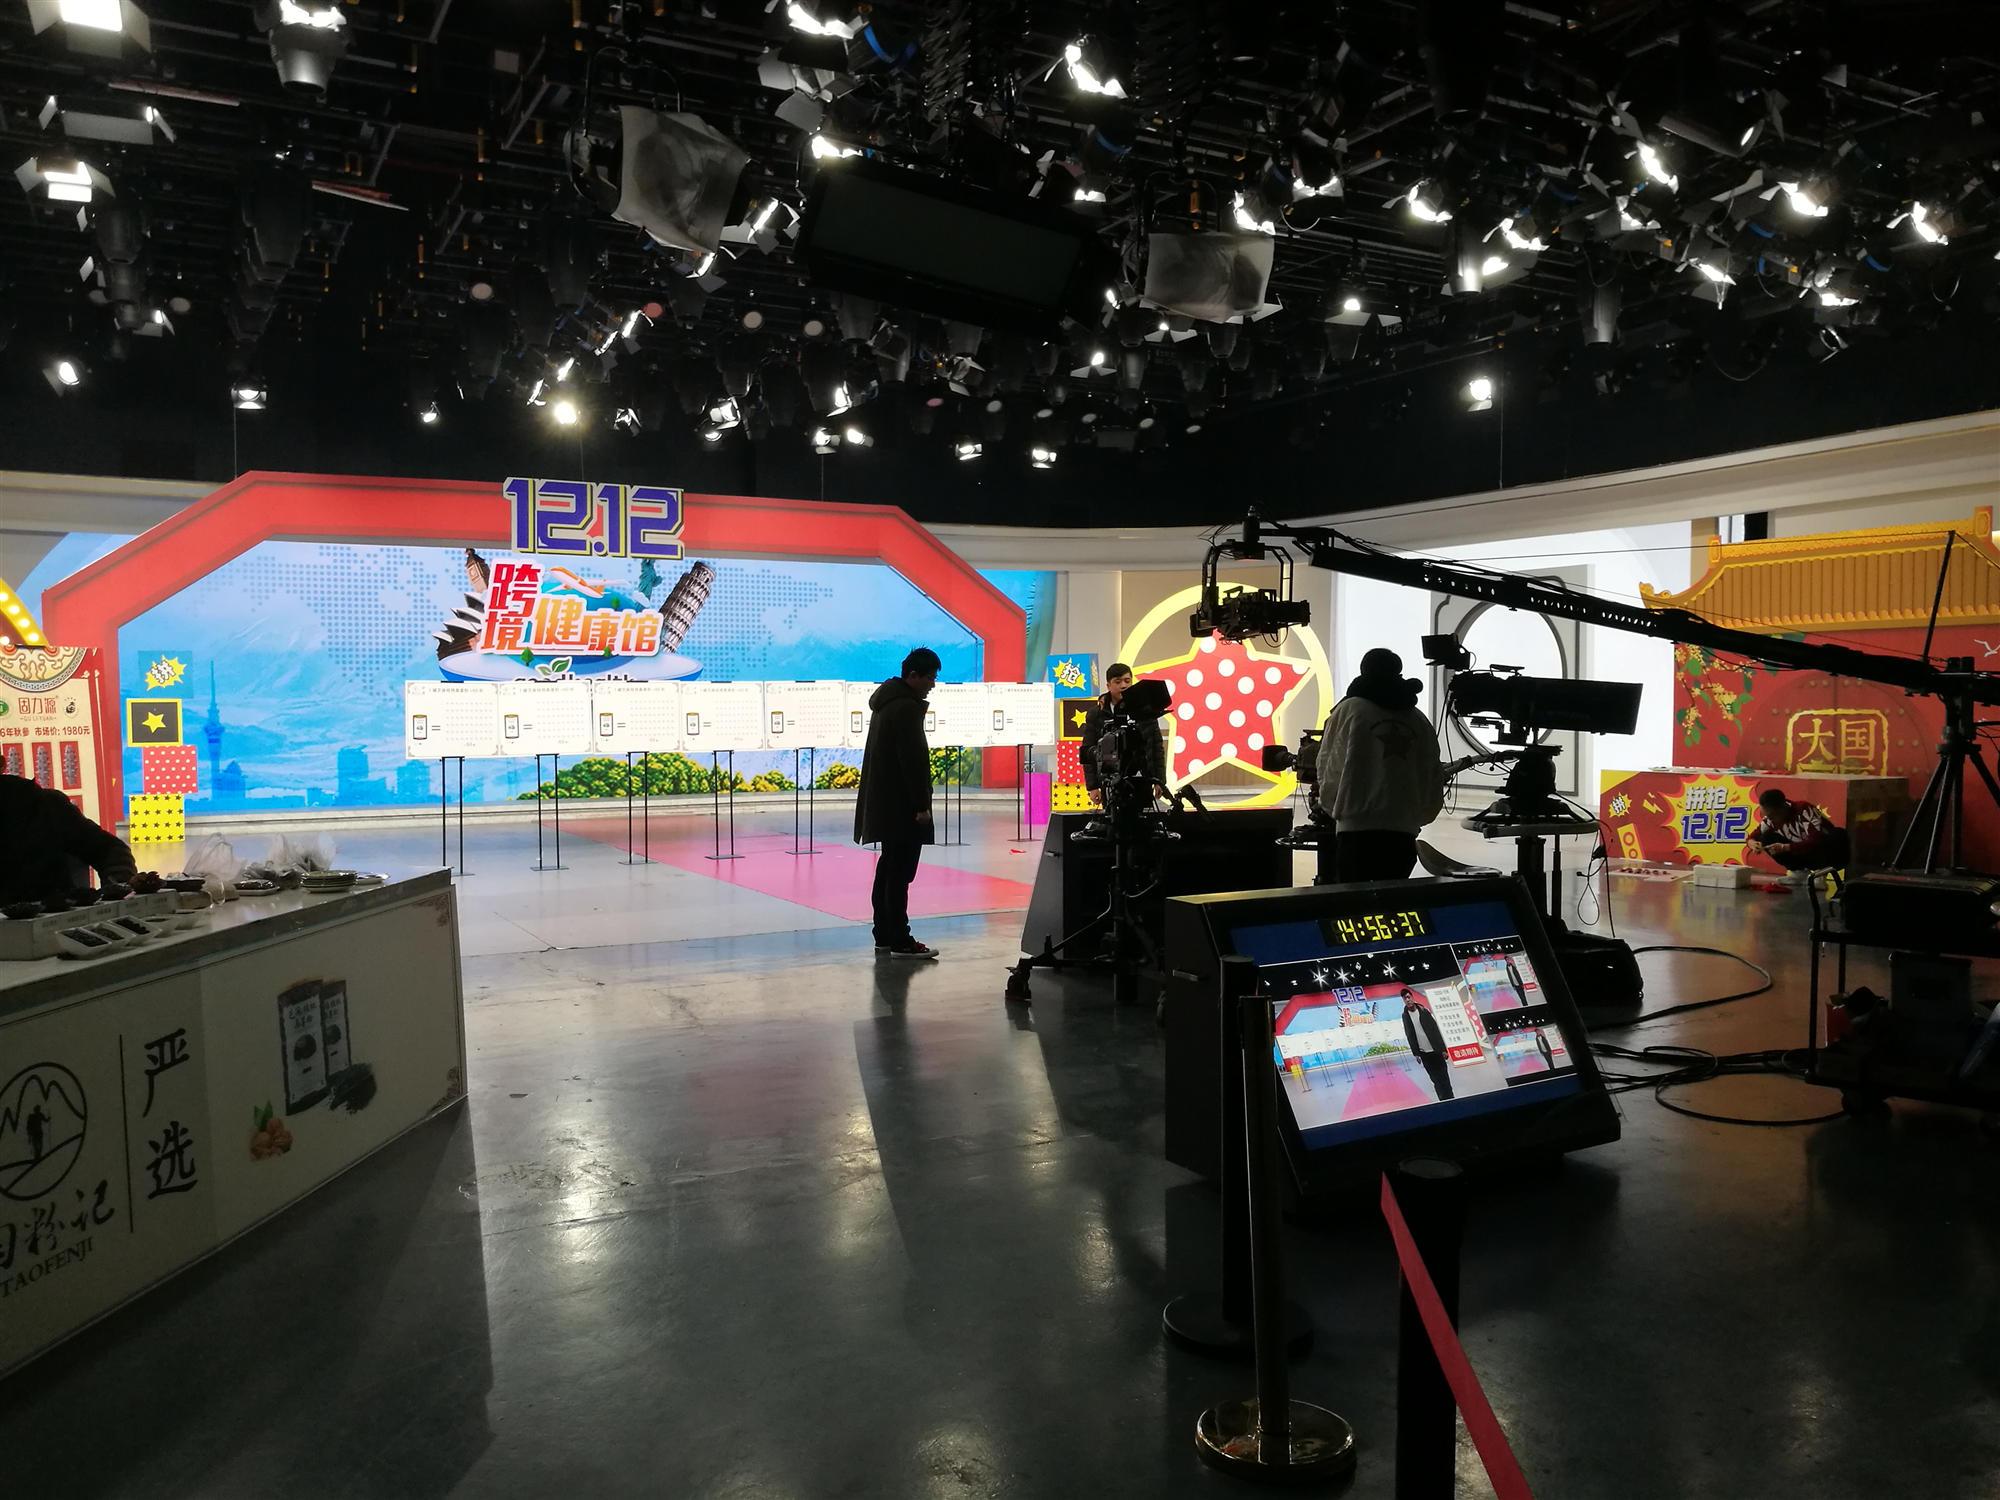 帝思迈和浙江卫视好易购近日达成战略合作